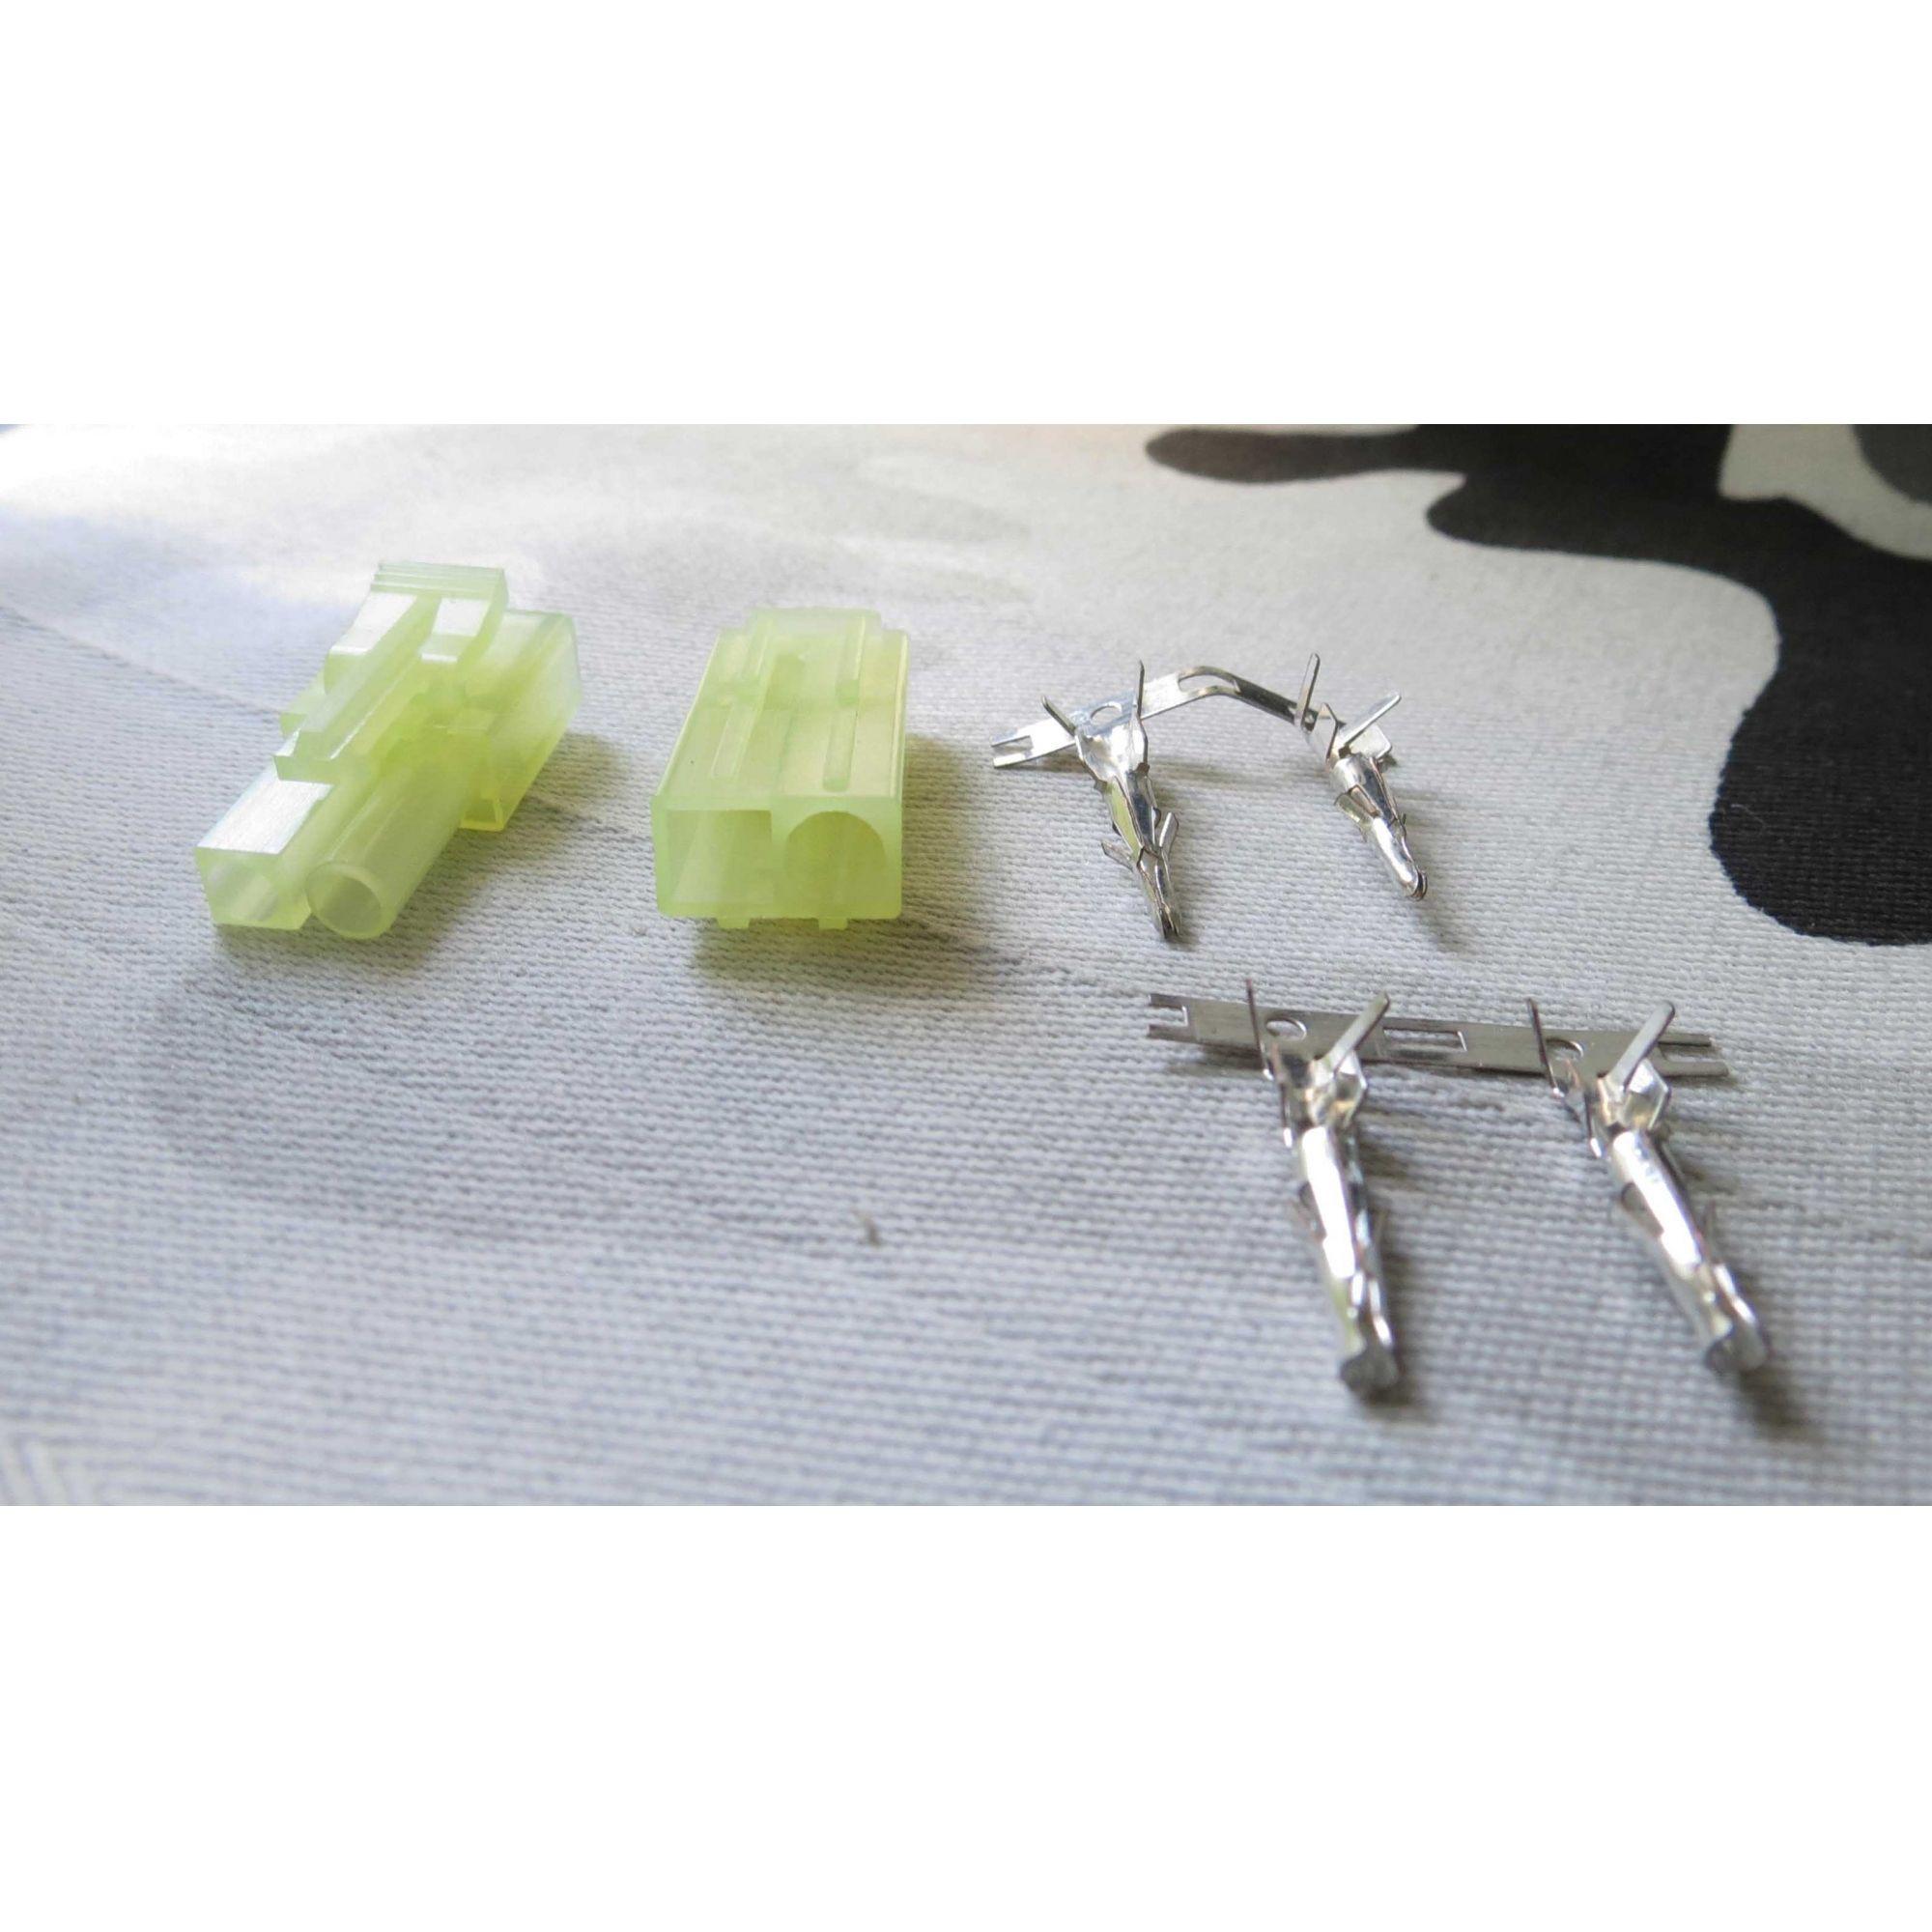 Plug Mini Tamya  - MAB AIRSOFT